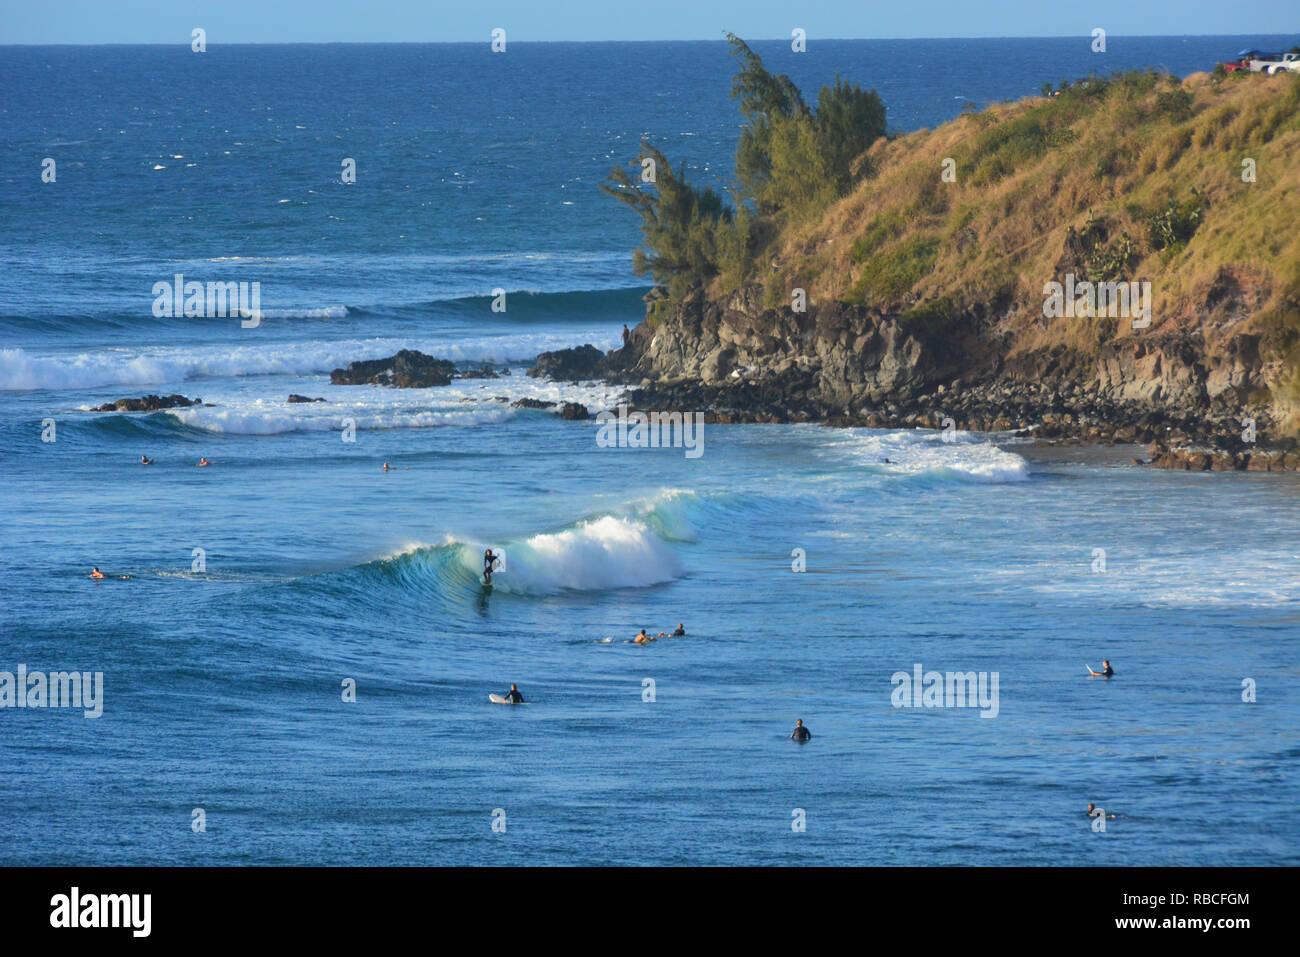 Surfers presso la Baia Honolua, Maui, Hawaii Immagini Stock